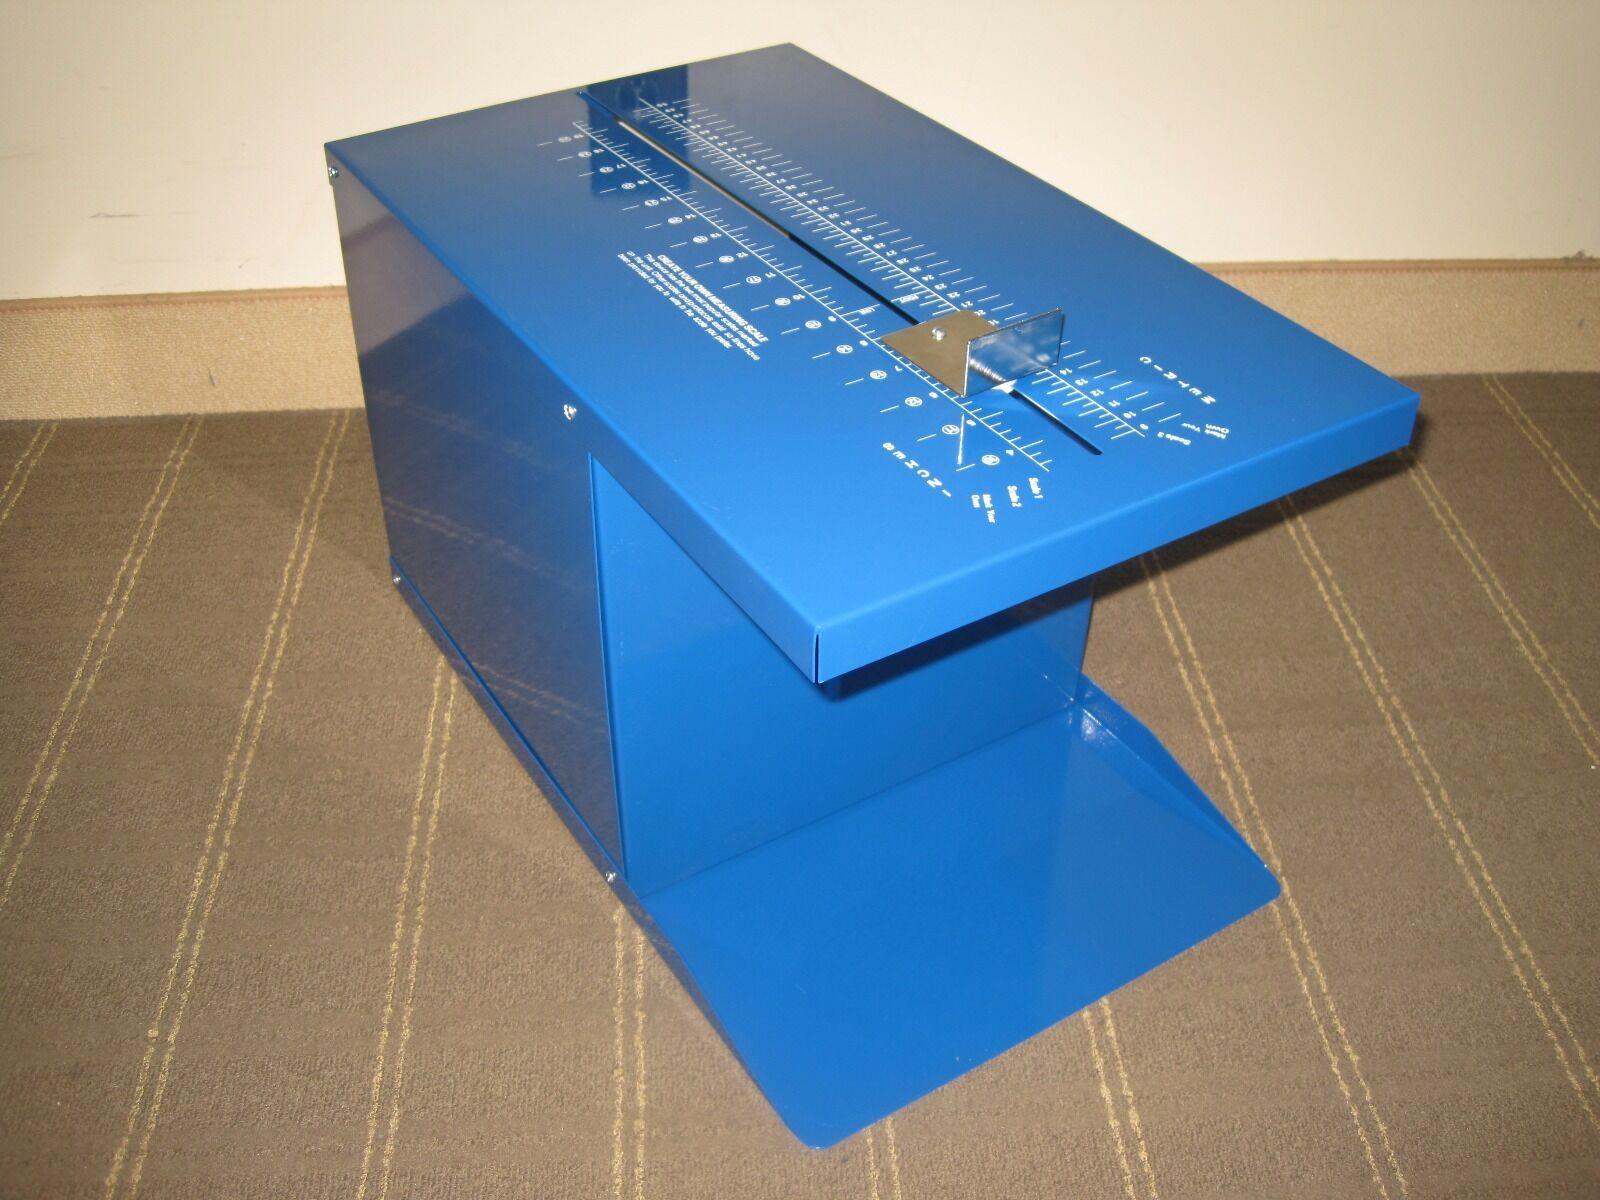 Flex-Caja sentarse y alcanzar Probador con los estándares de  las normas de flexibilidad Gráfico edades 5-18 HY5  bajo precio